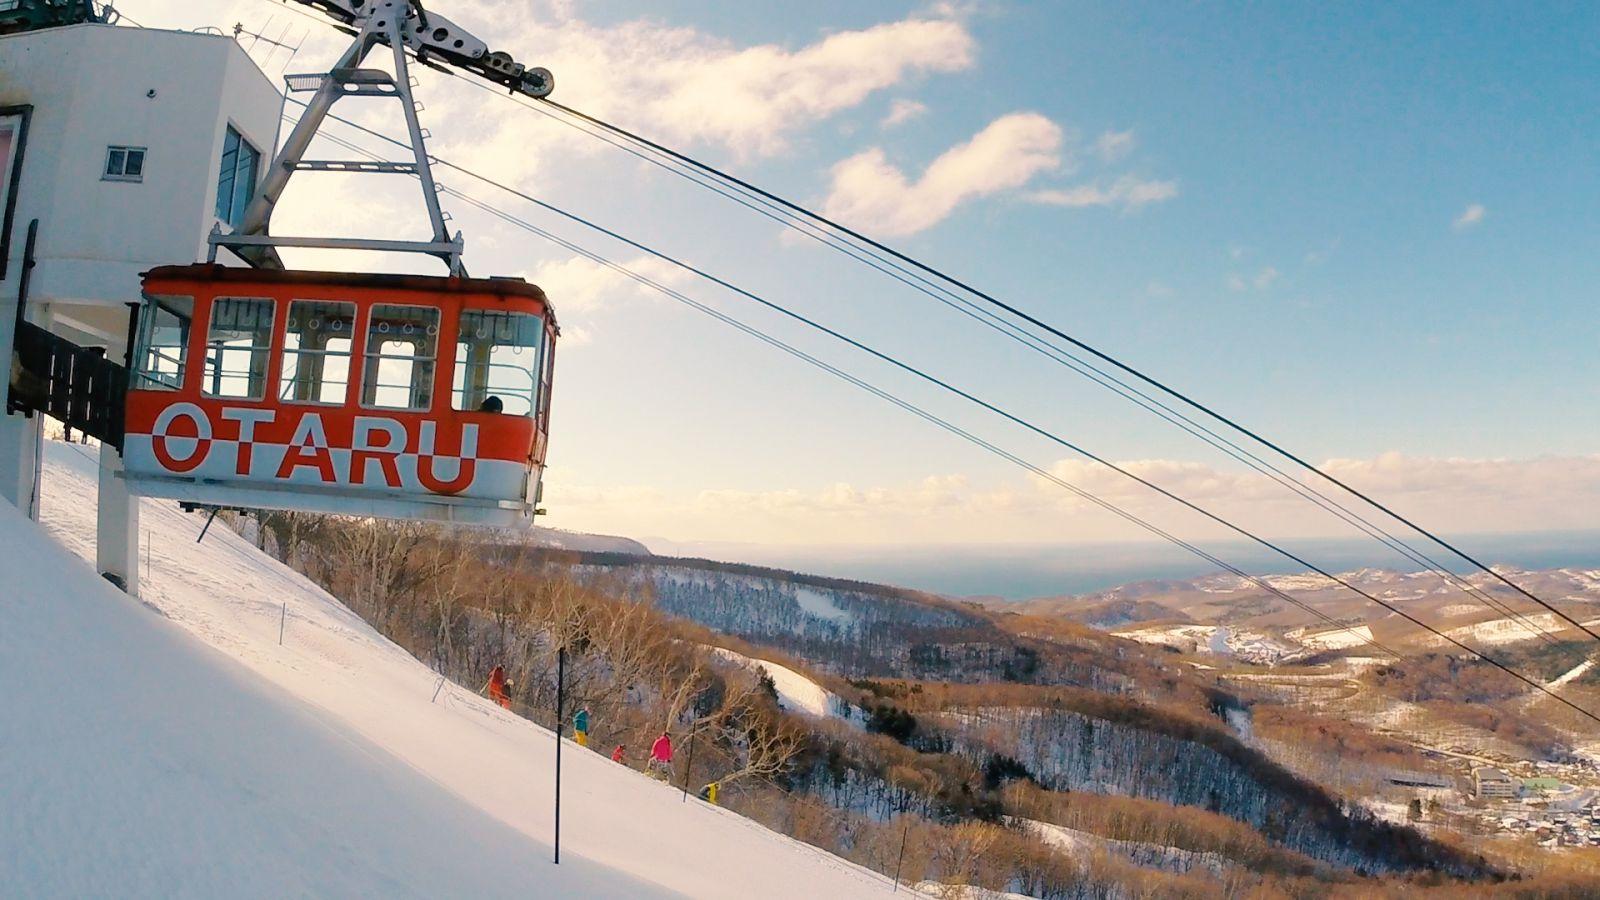 小樽天狗山春スキーが気持ちいいですよ!